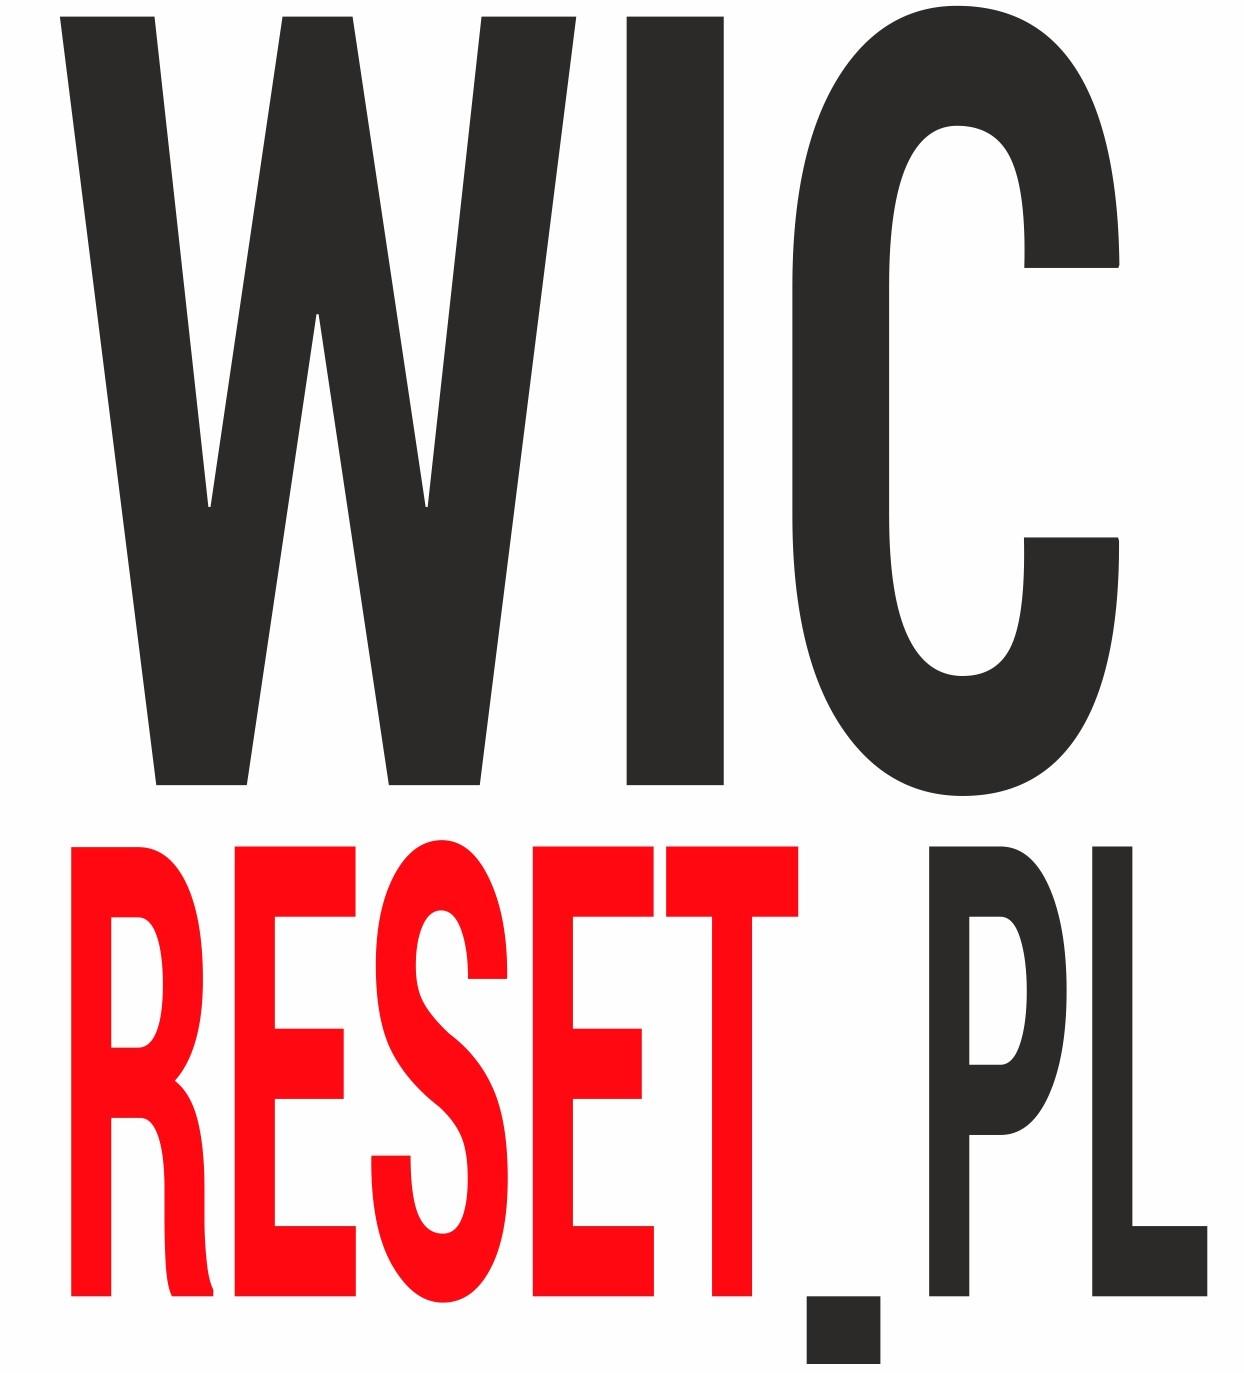 WICRESET.PL